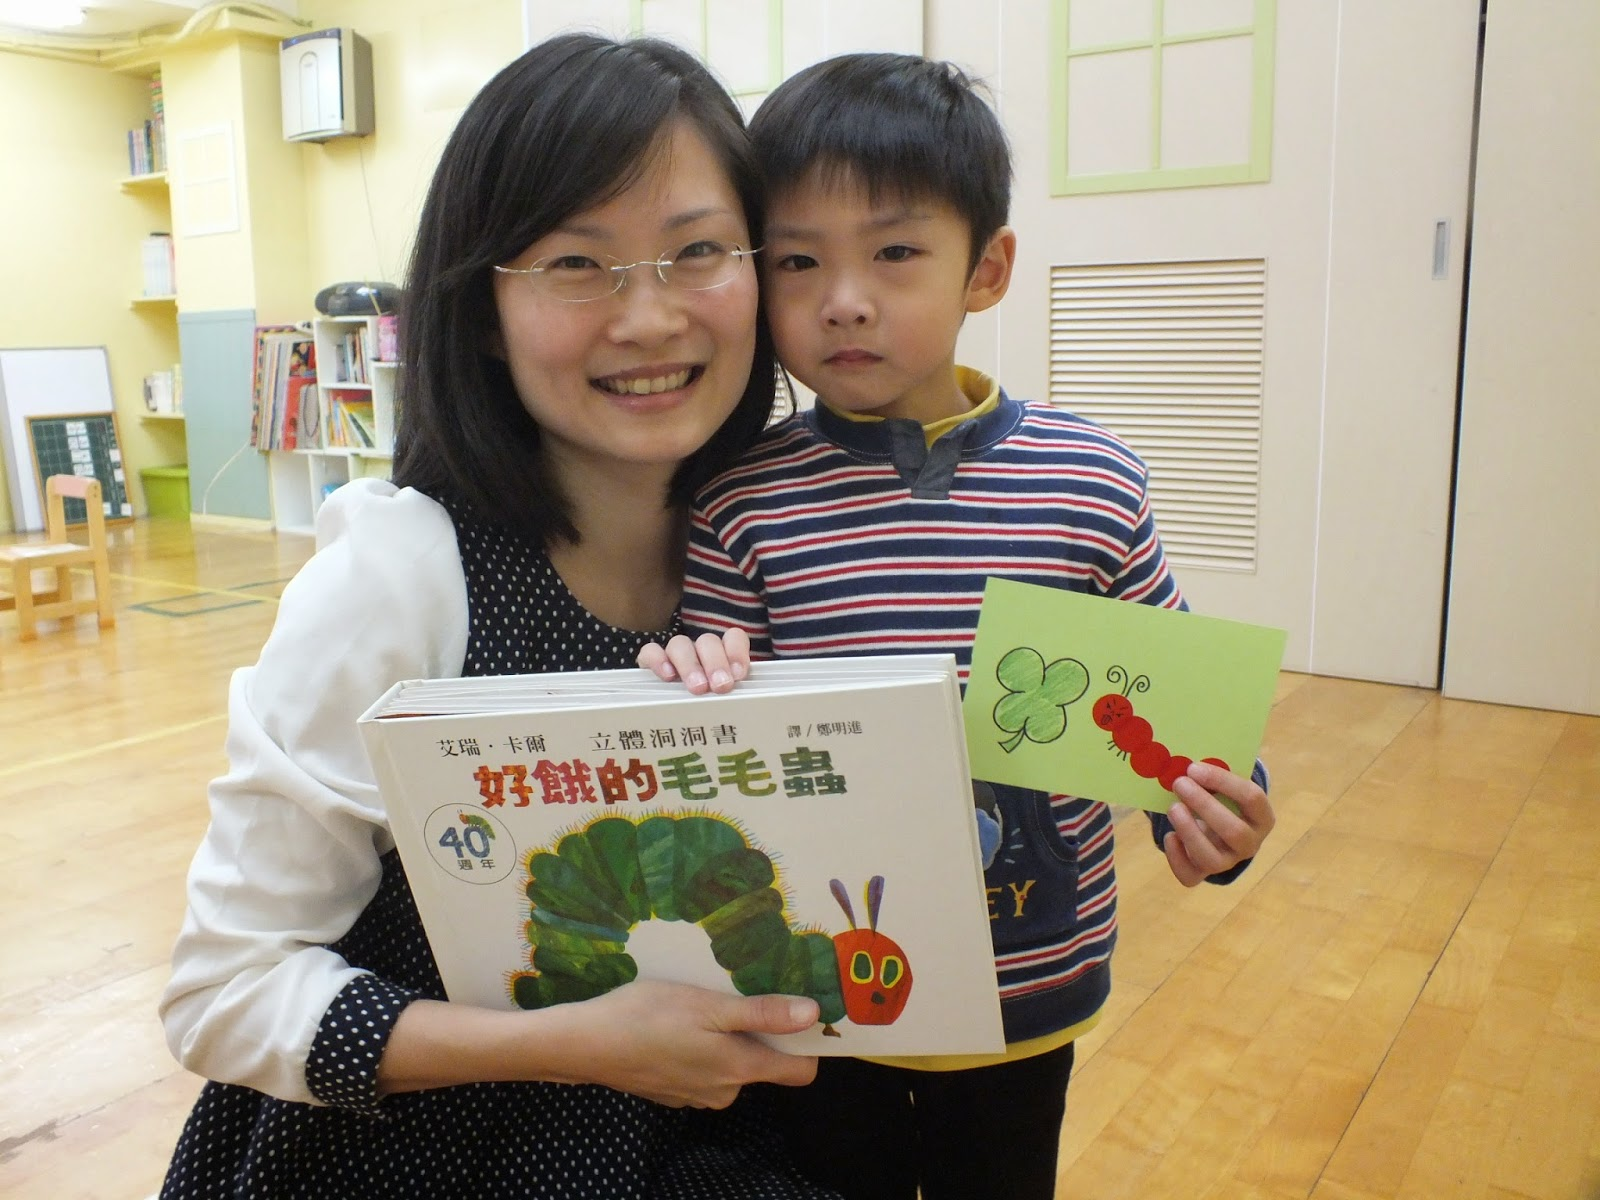 臺北市私立大大樹幼兒園: 小班家長參與教學日活動分享!